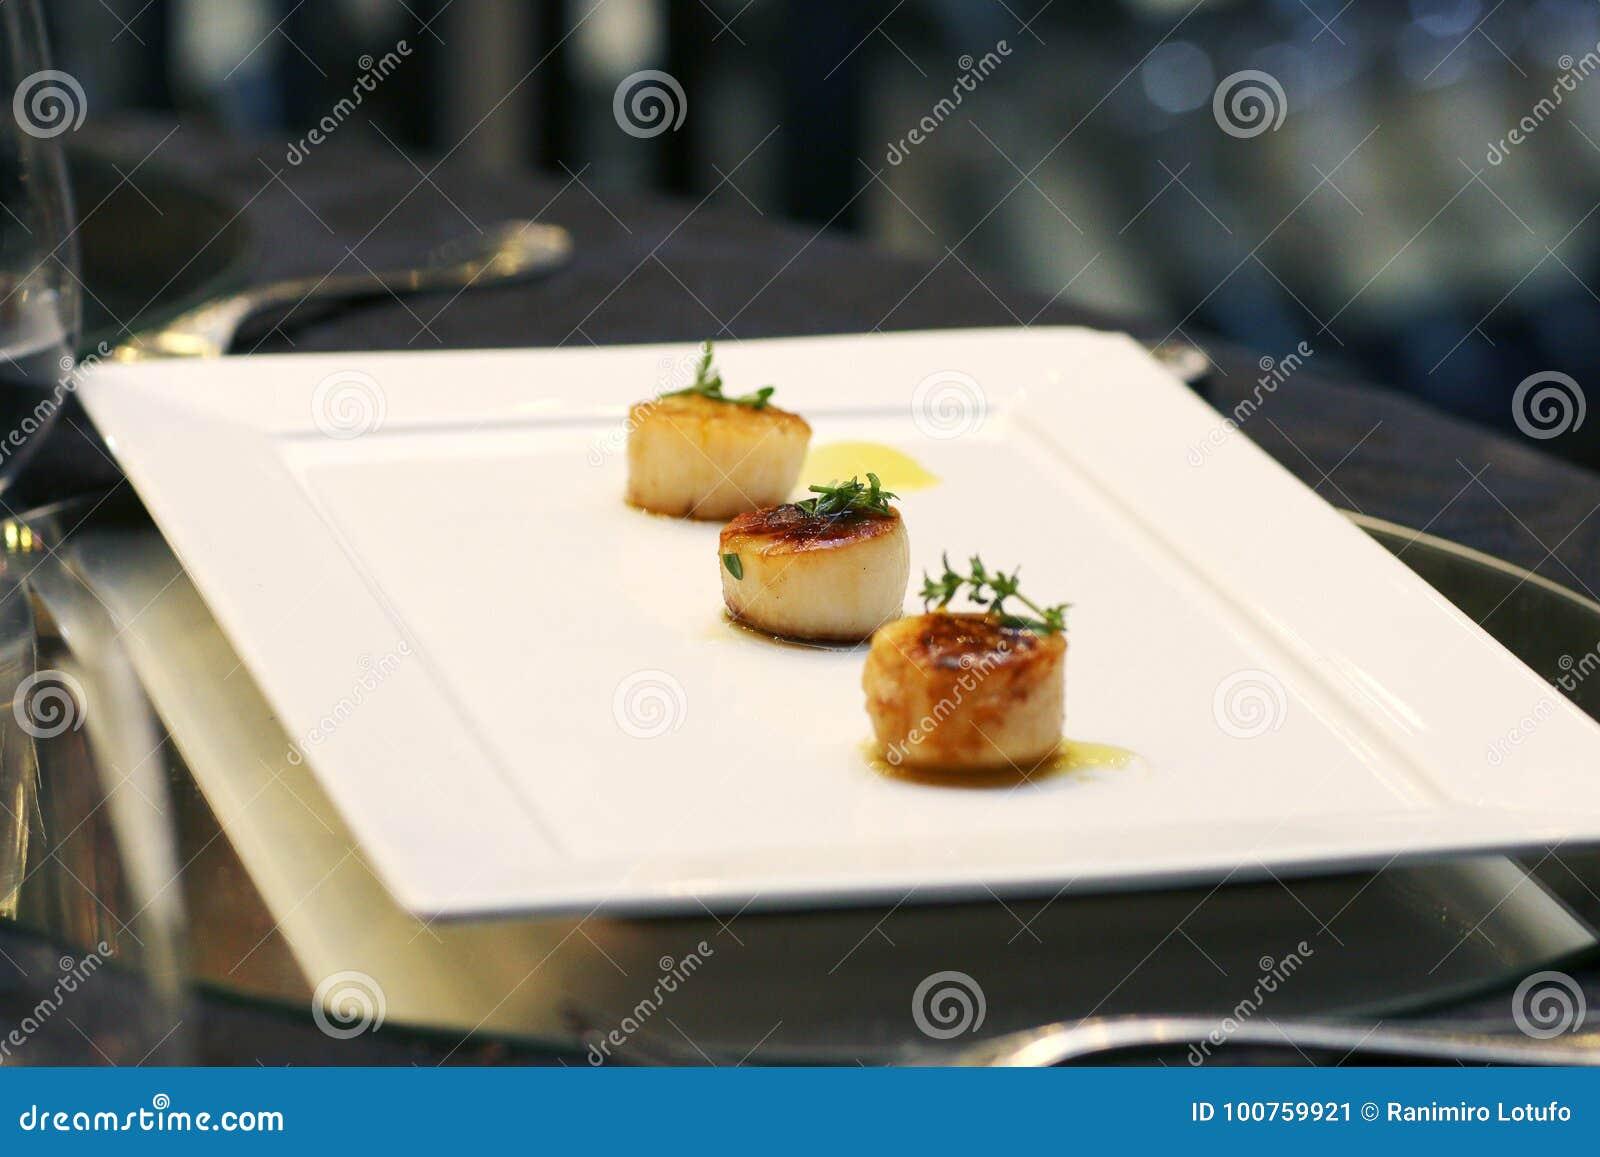 Gastronomisch en gastronomisch